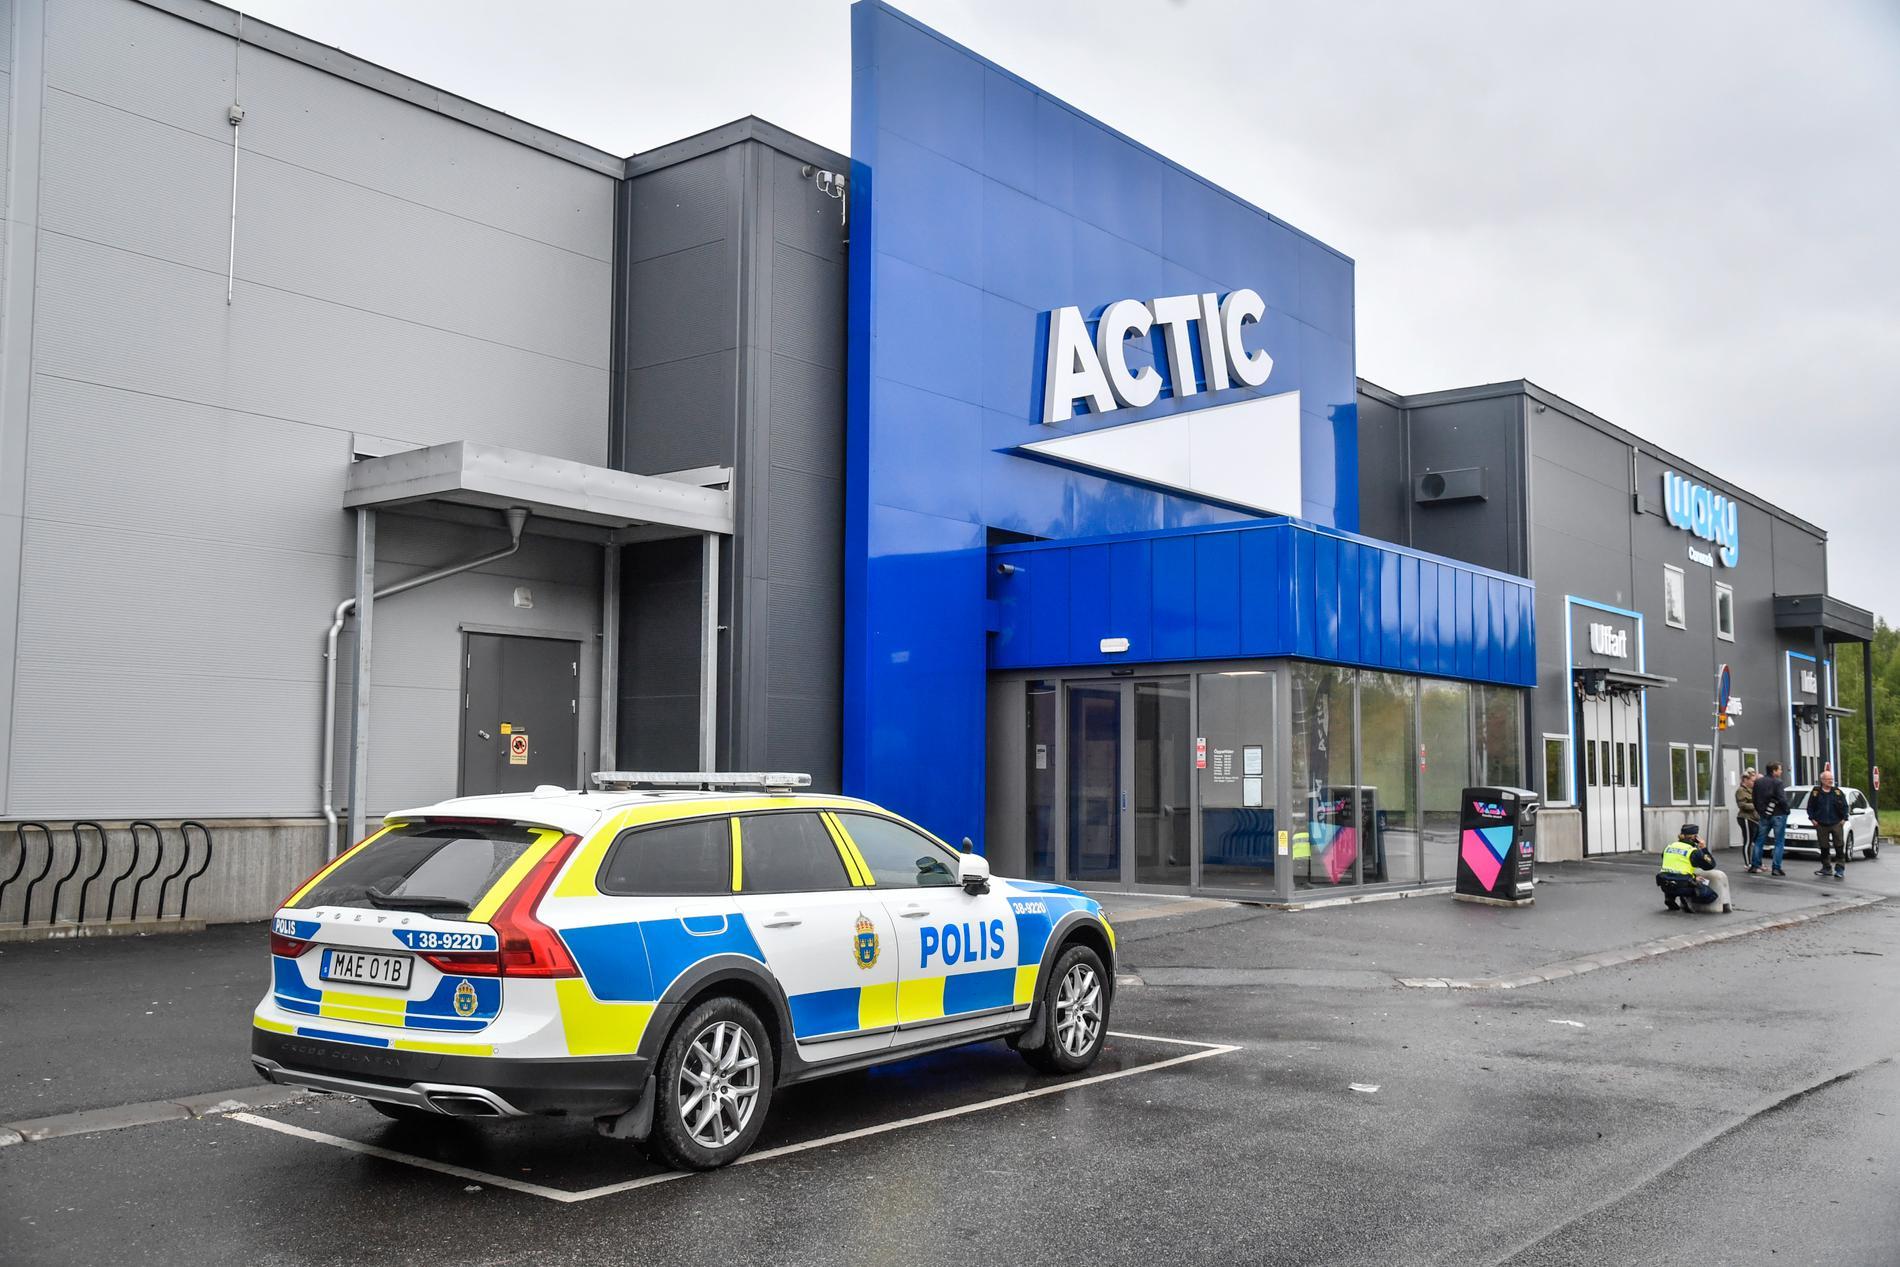 Mordet skedde utanför ett gym vid den välbesökta handelsplatsen i Södertälje.